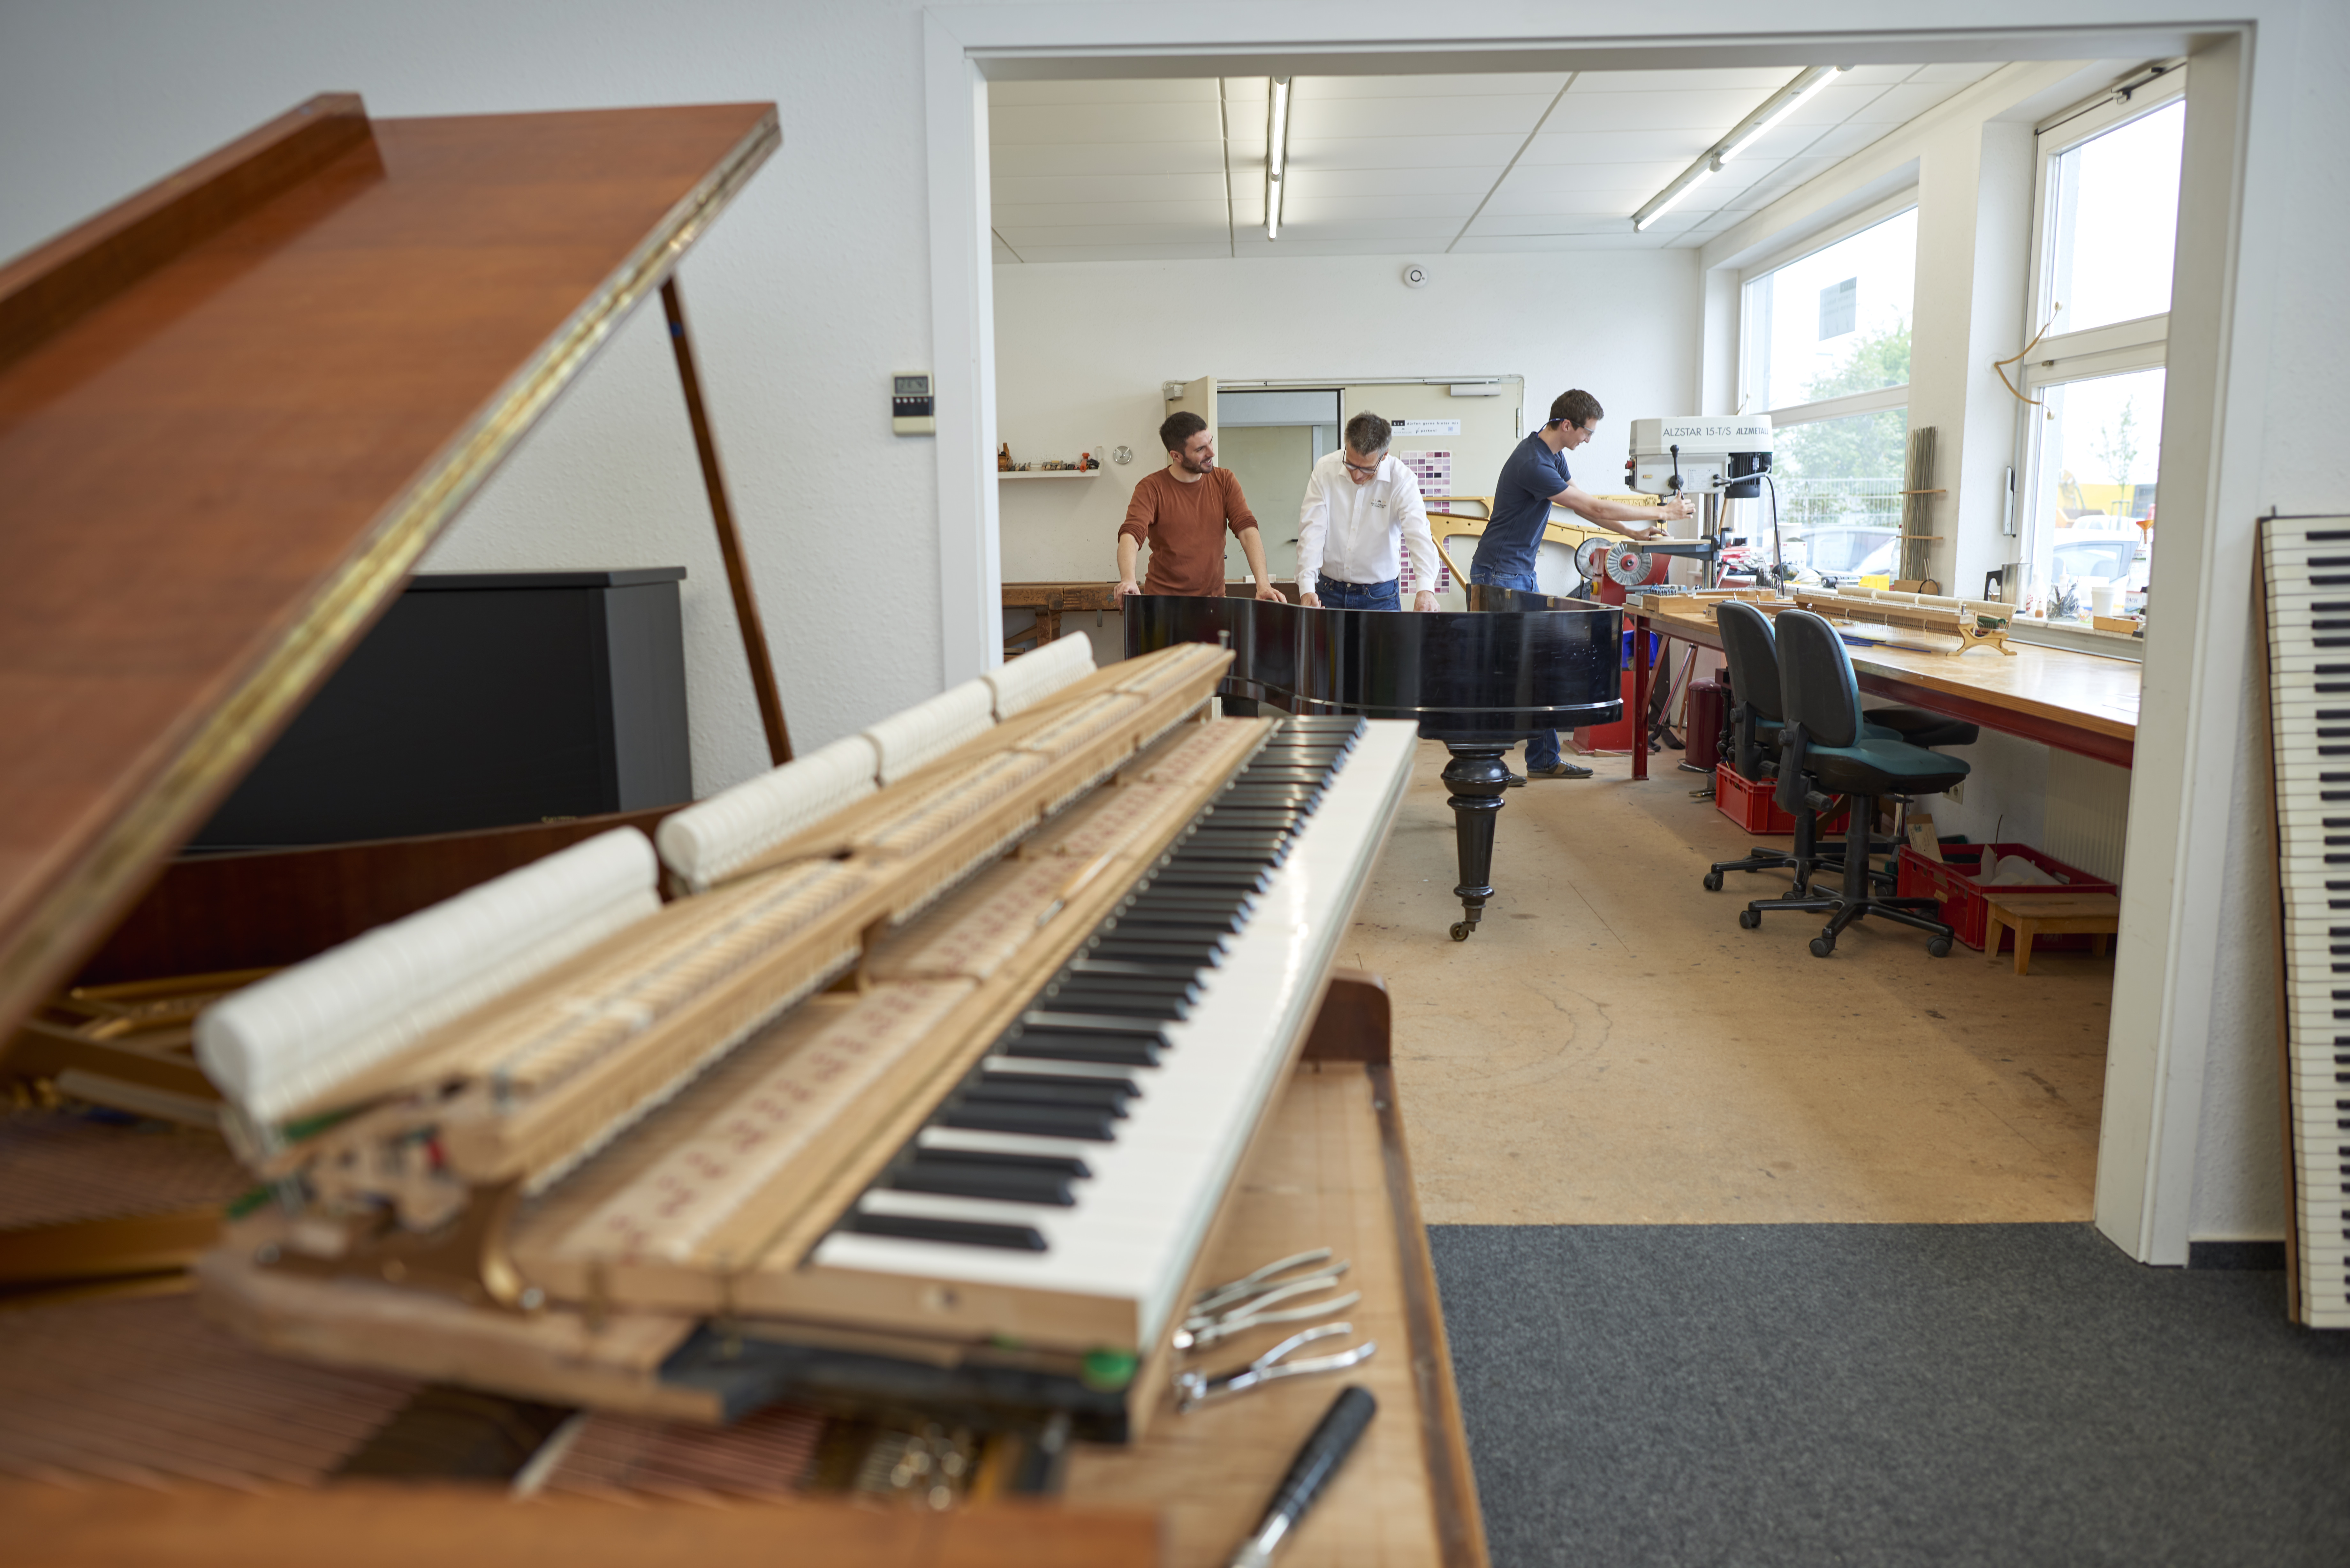 Schlecker Klavierb 5 17 15415 - Schlecker Klavierbau: Handwerkskunst